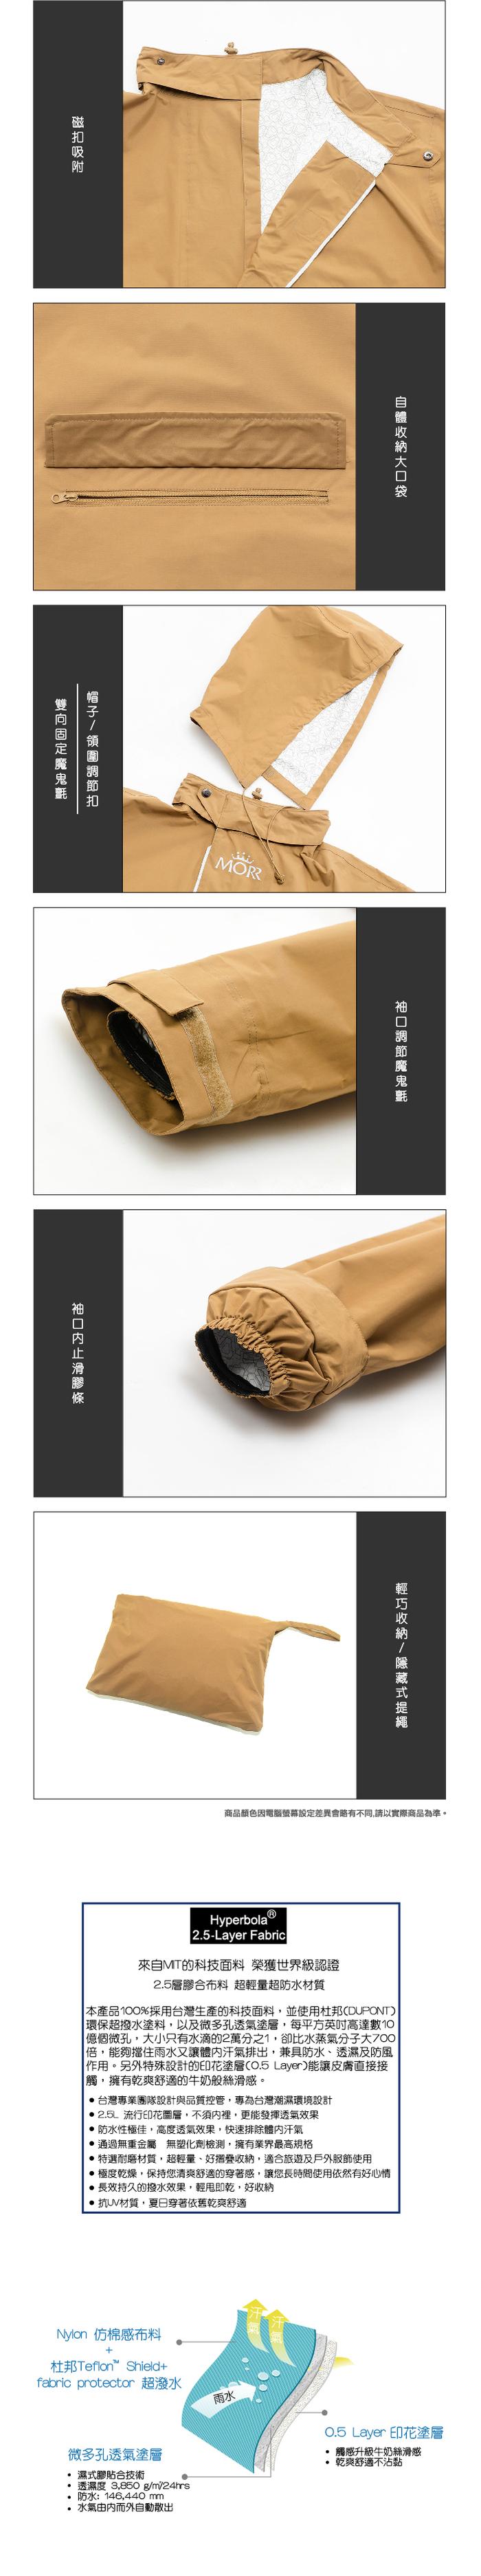 (複製)MORR Postshorti 磁吸式反穿防水外套(經典黃)